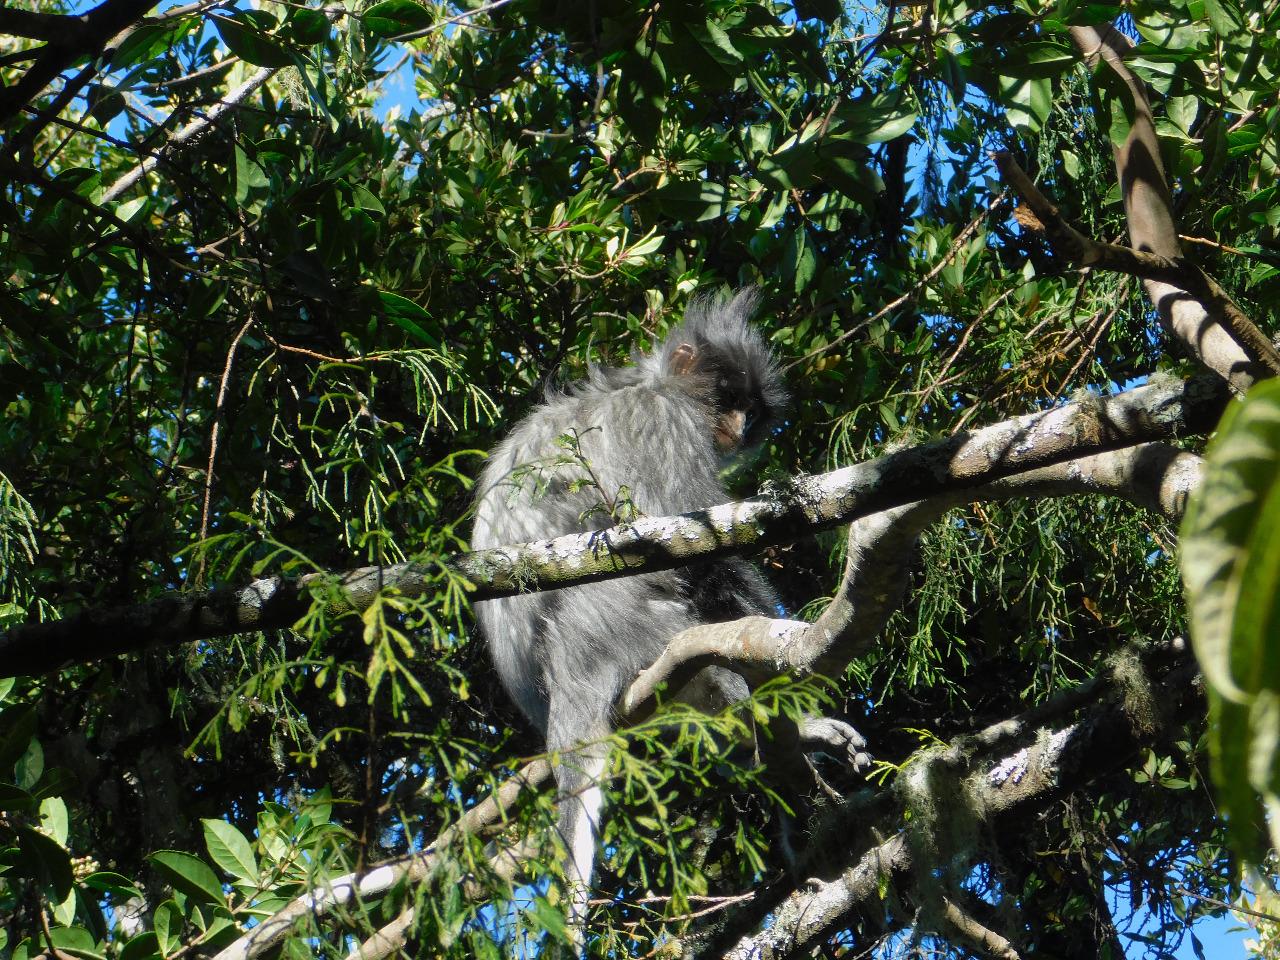 Surili merupakan primata yang memiliki gaya hidup alami arboreal, yakni sangat dekat dan tergantung pada pohon. © Muhammad Imam R/Shutterstock